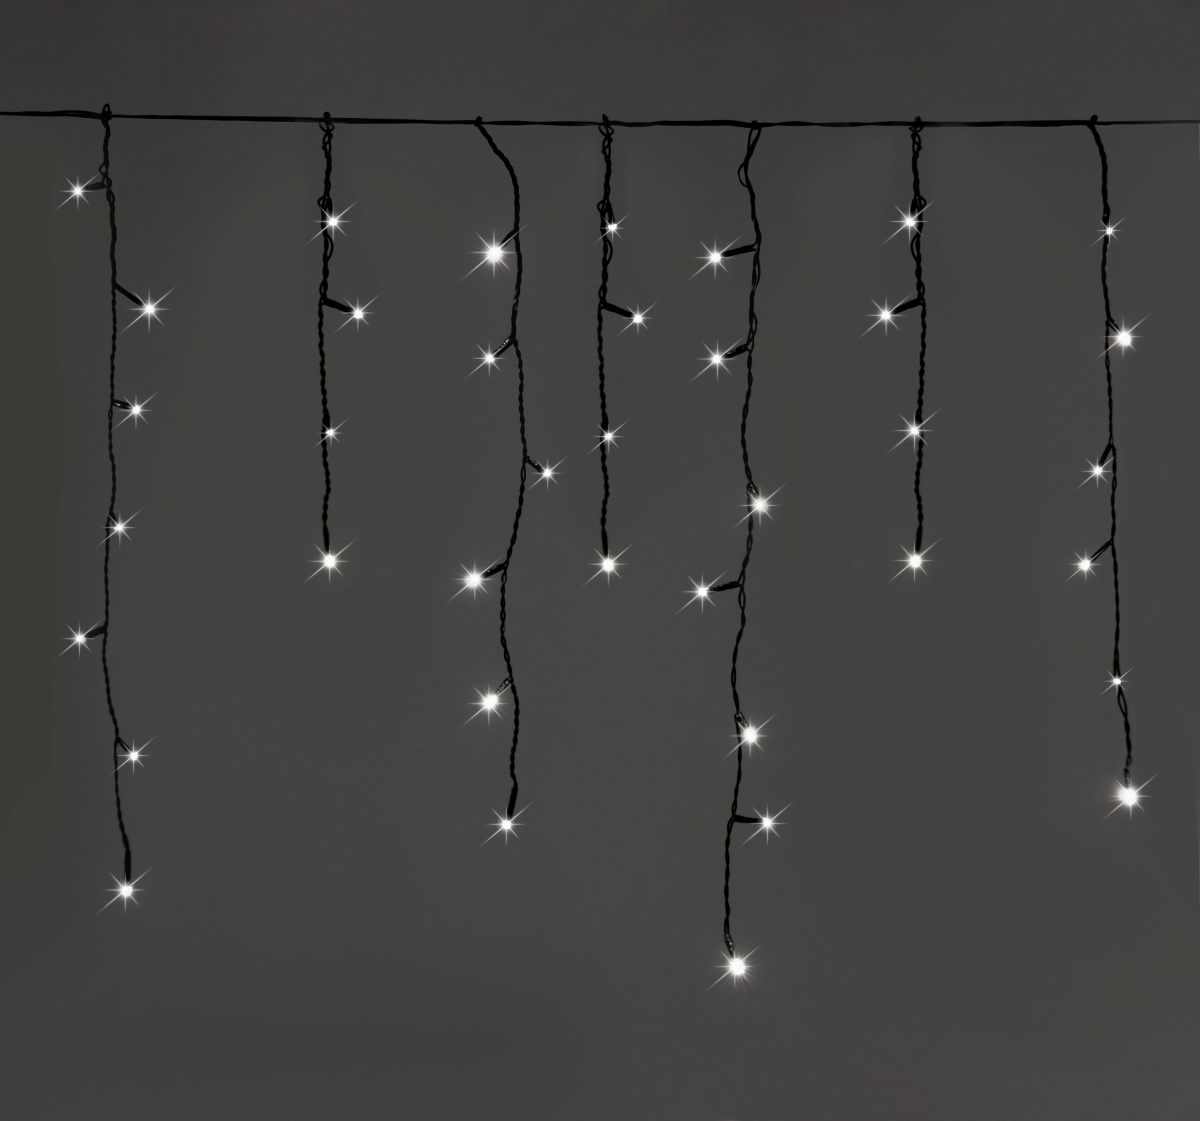 LED světelný déšť, 200 LED diod, 8 programů, studené bílé světlo